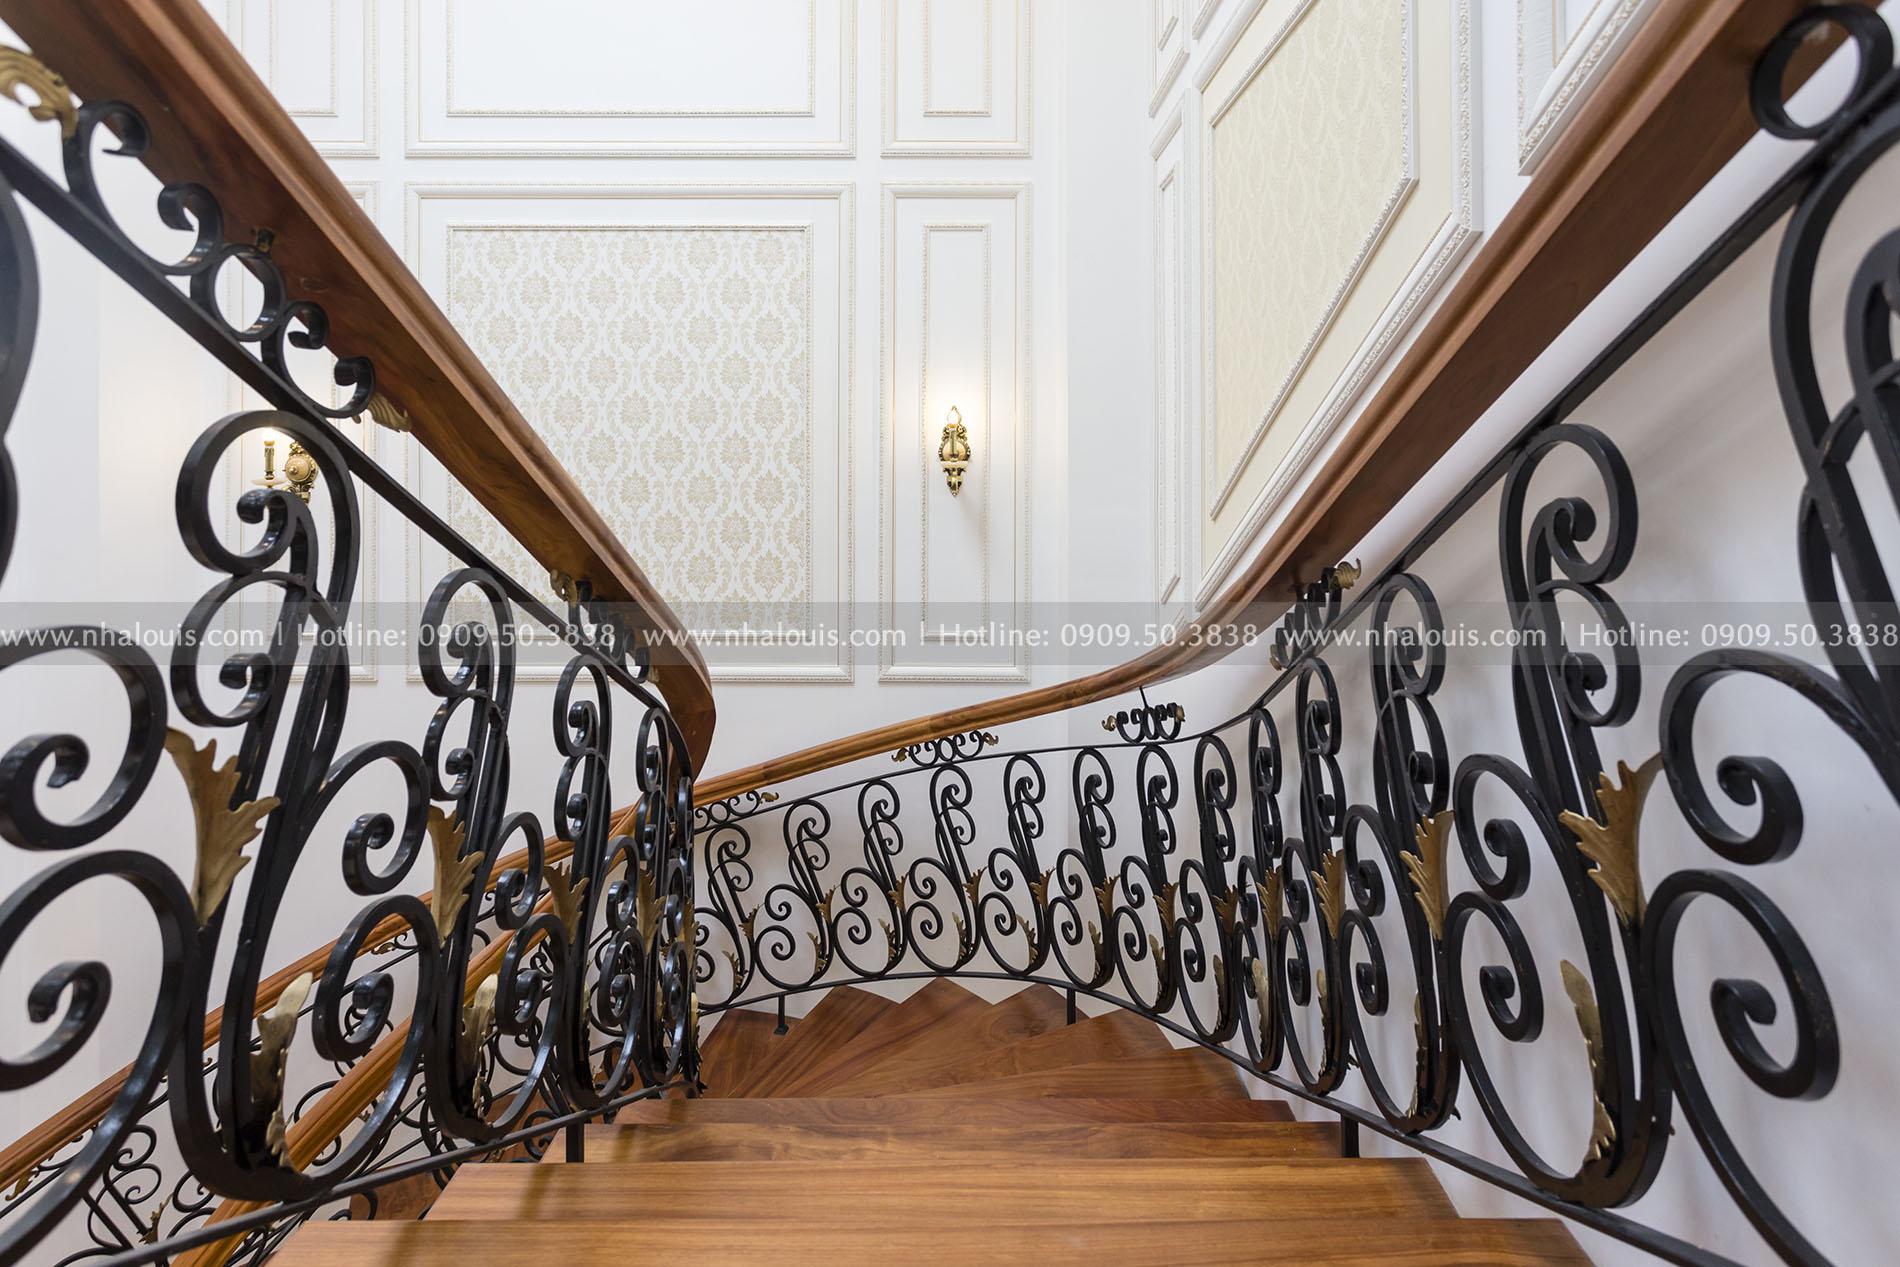 Biệt thự 4 tầng cổ điển đẳng cấp tại Bến Tre- Giải pháp tối ưu diện tích cho người kinh doanh